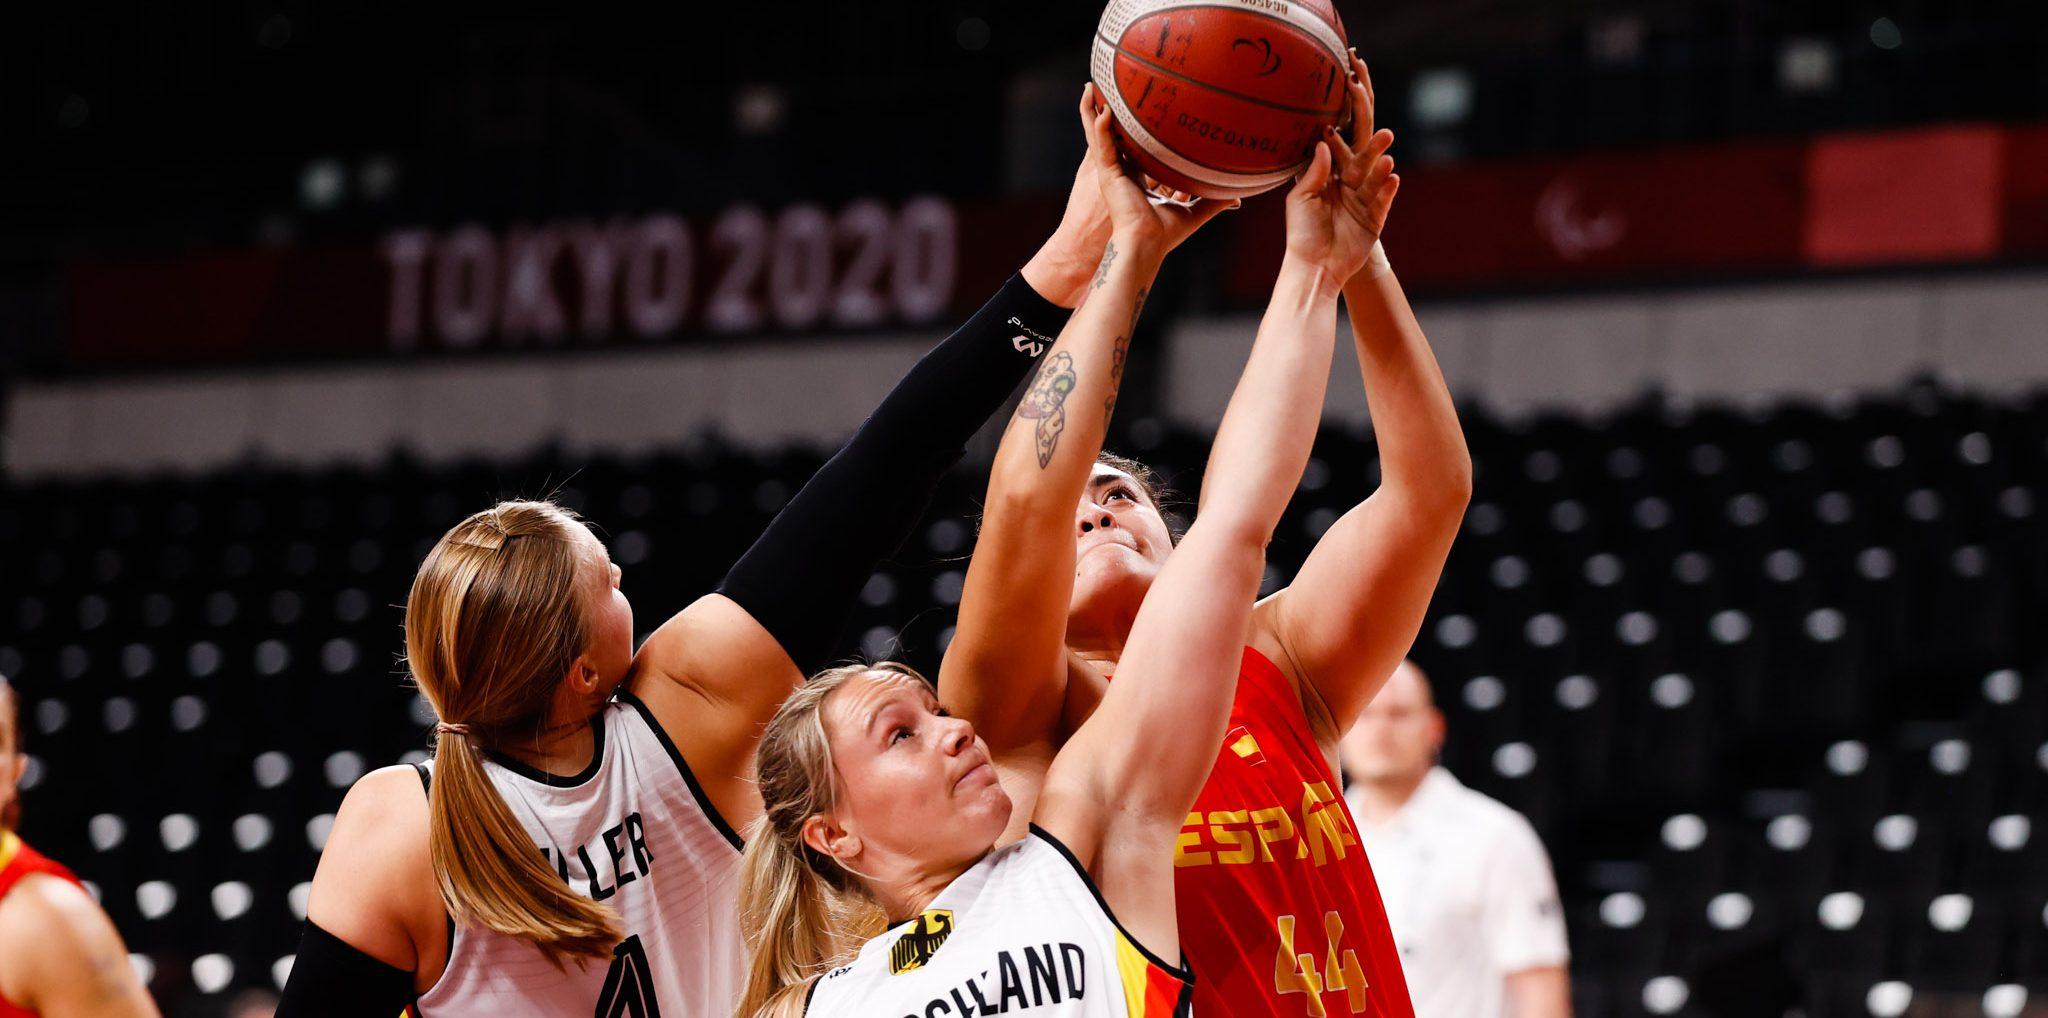 La selección española de baloncesto femenino en silla. Fuente: Mikael Helsing / CPE.